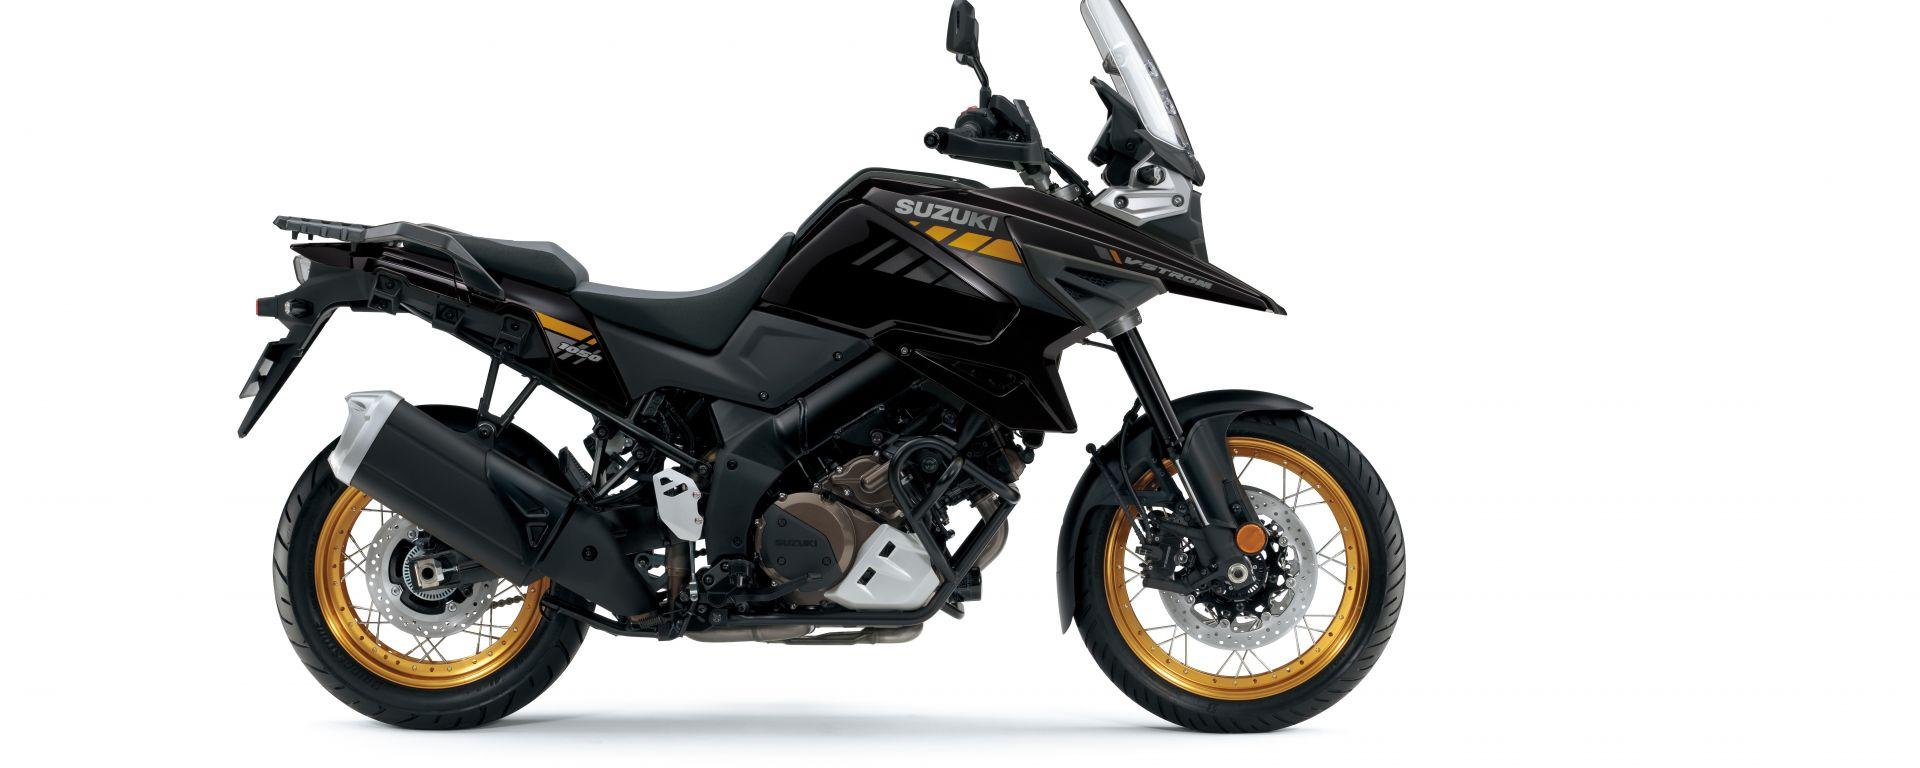 Suzuki V-Strom 1050: la nuova livrea nera